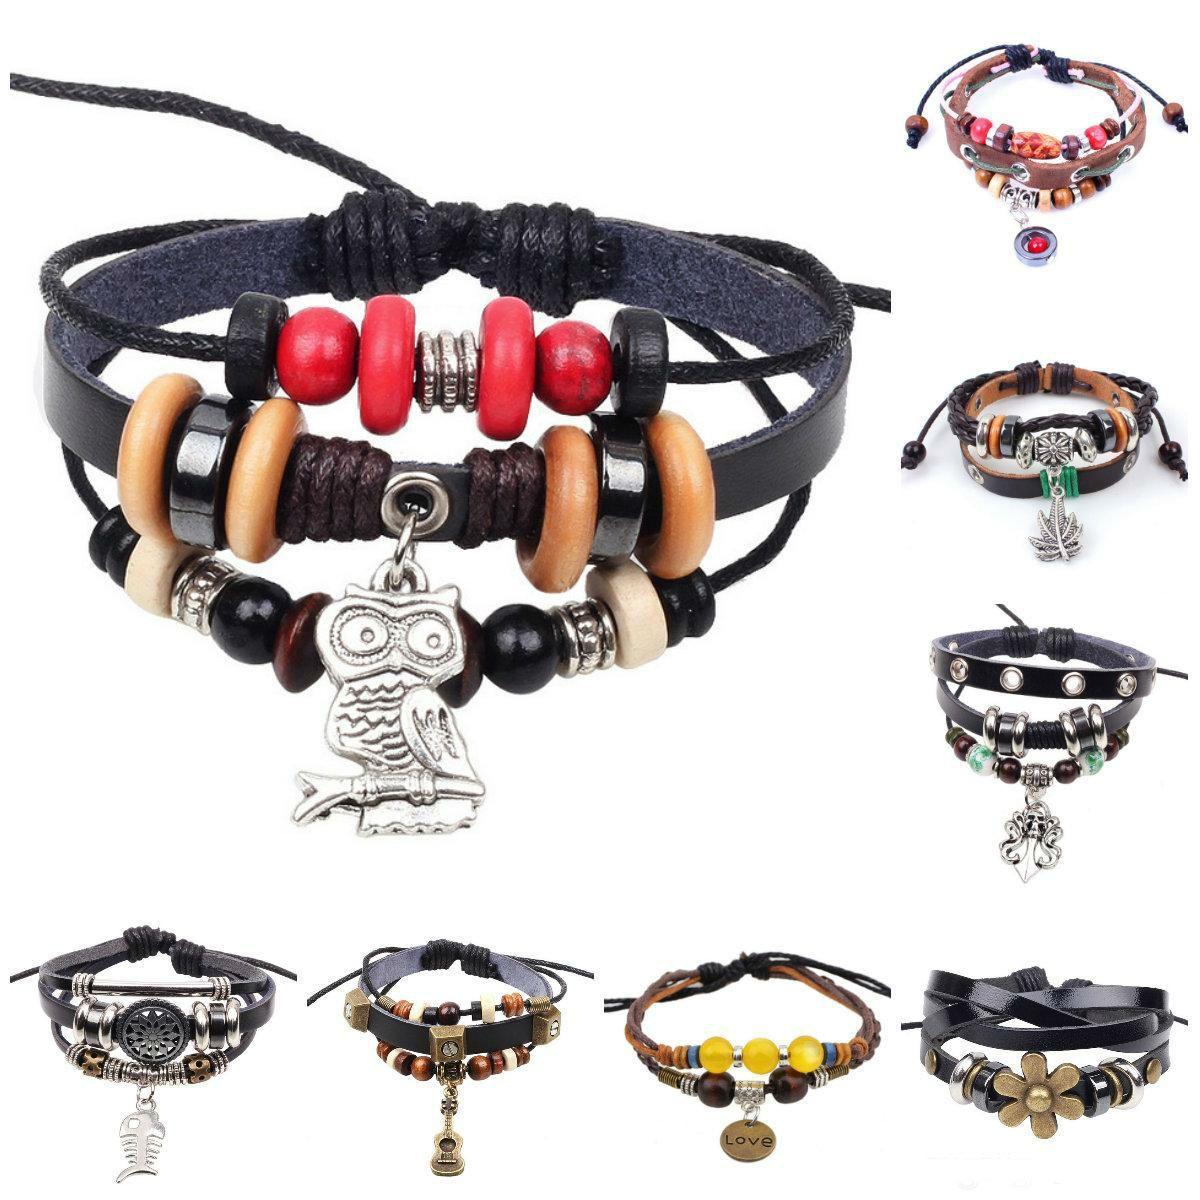 Bracciali con braccialetti con ciondoli Braccialetti con cinturino regolabile a catena in vera pelle con braccialetti Infinity